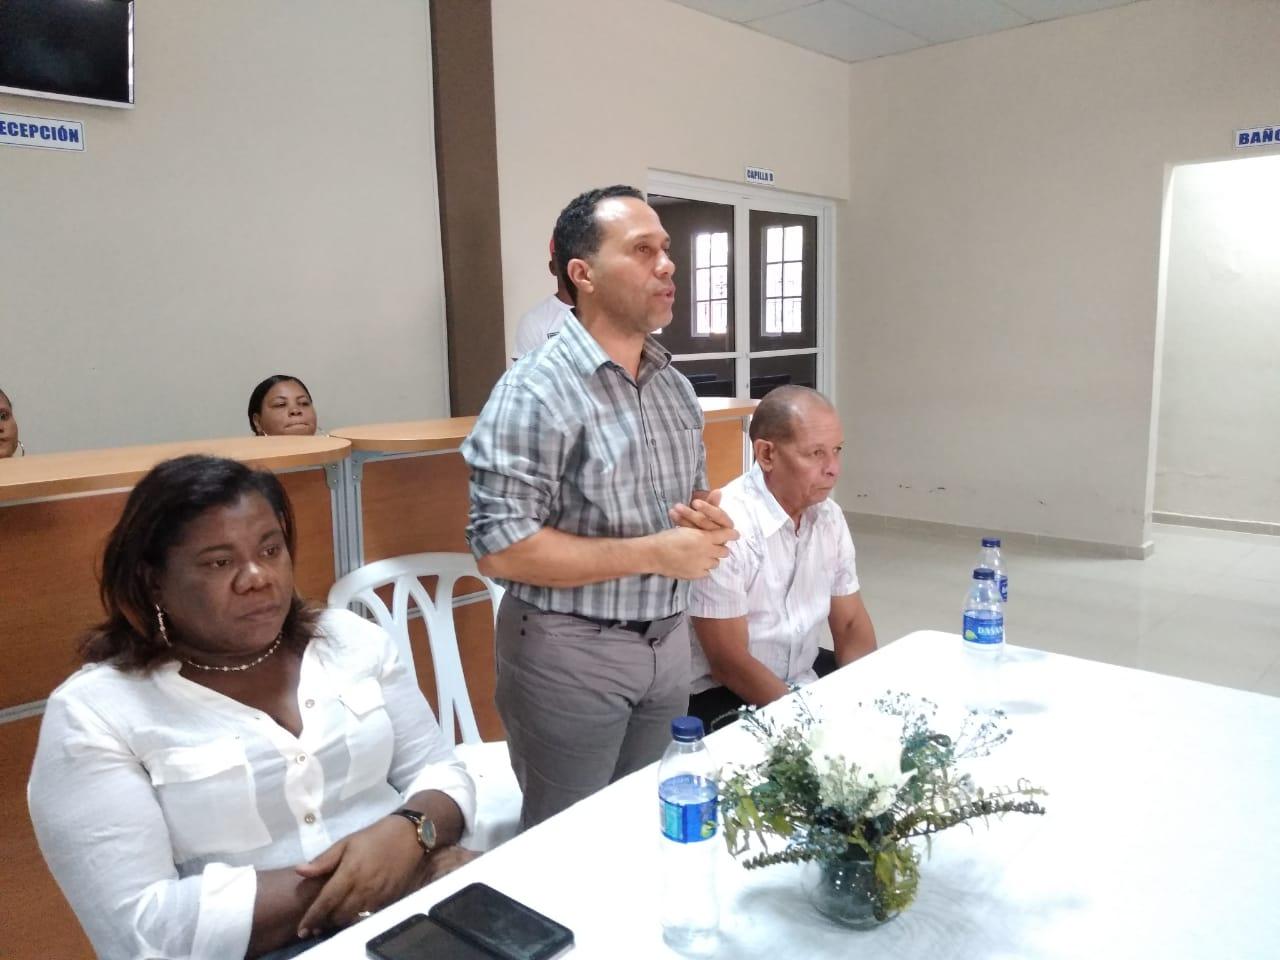 Alcalde de Cabral pone en funcionamiento cuarto frío de la funeraria municipal.